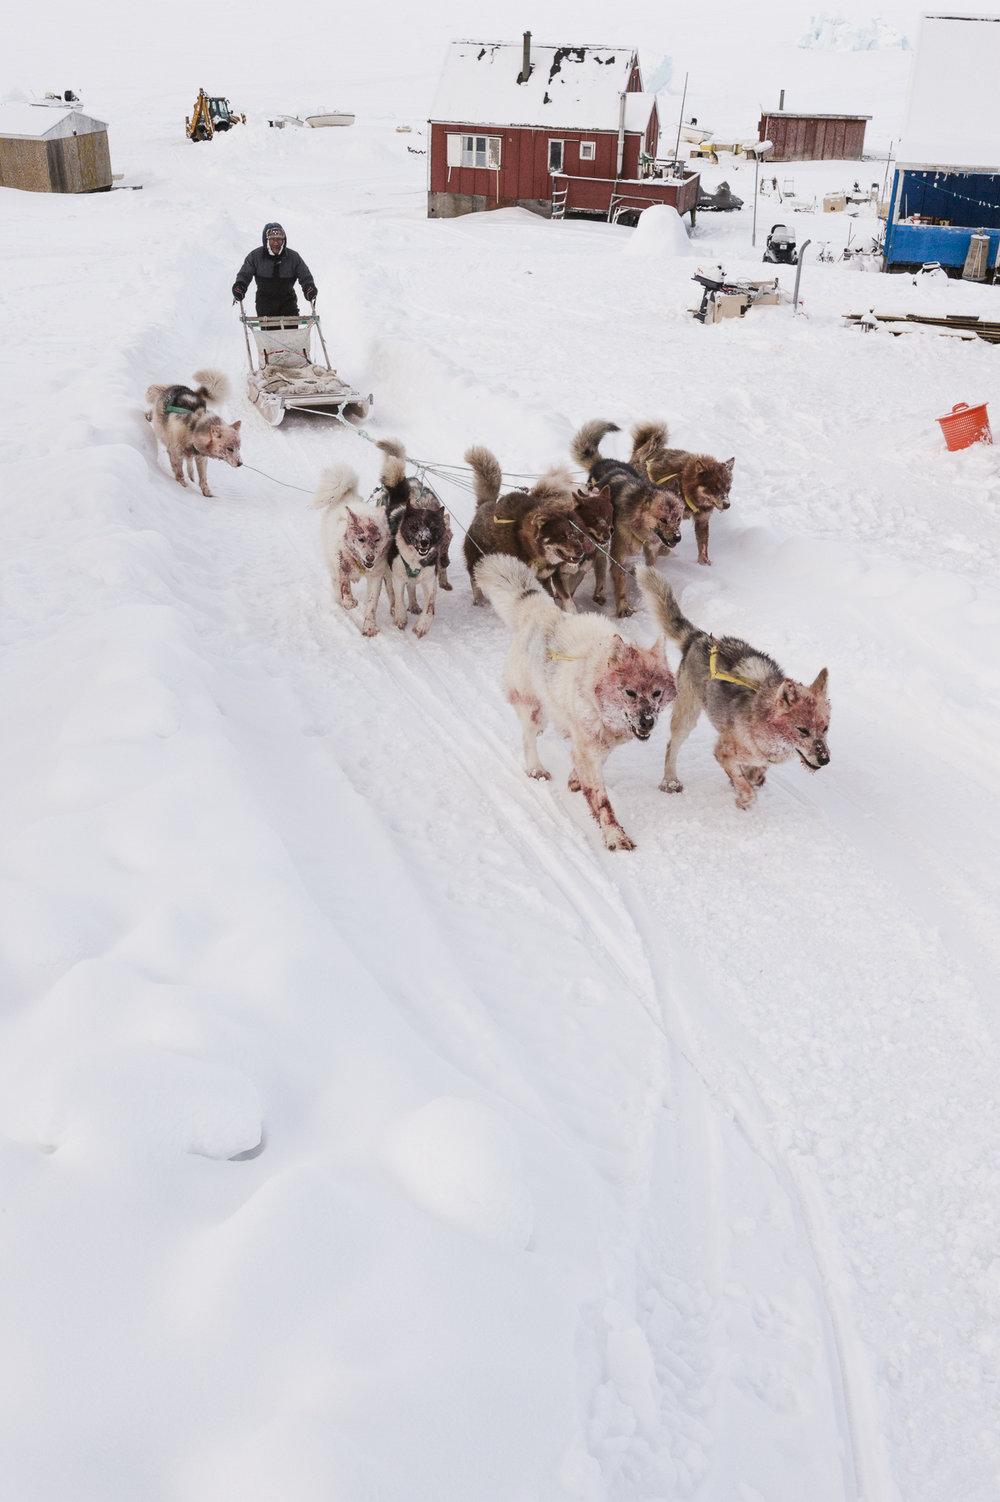 31.Defibaugh_Greenland_Illorsuit_c_3_51.jpg